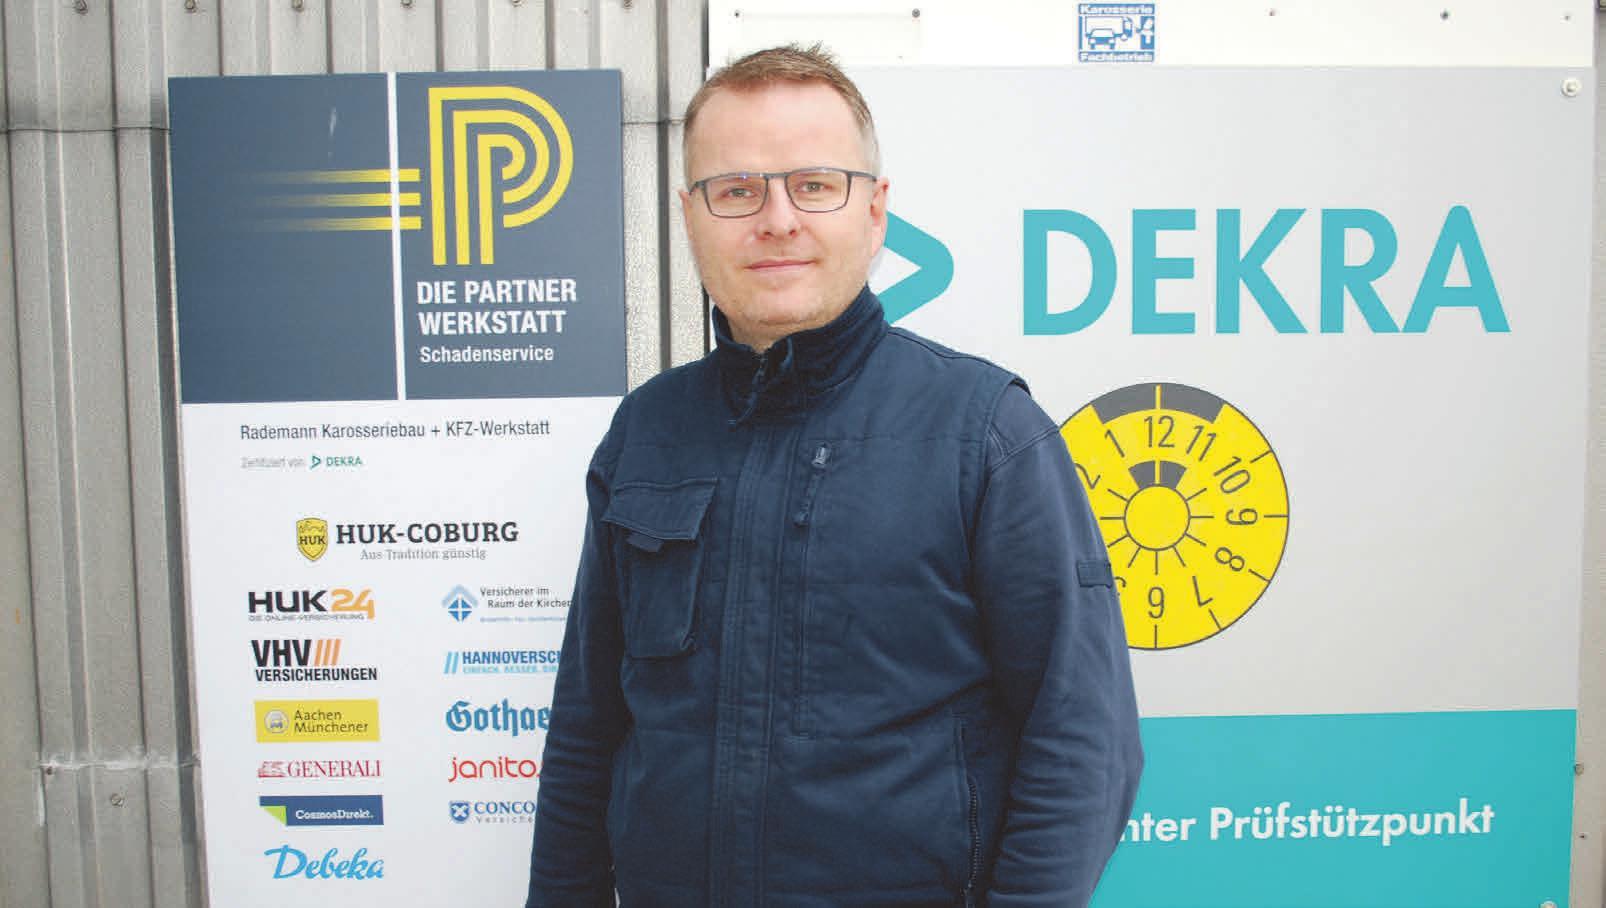 Malte Rademann arbeitet mit Versicherungen zusammen. Foto: Birthe Kußroll-Ihle